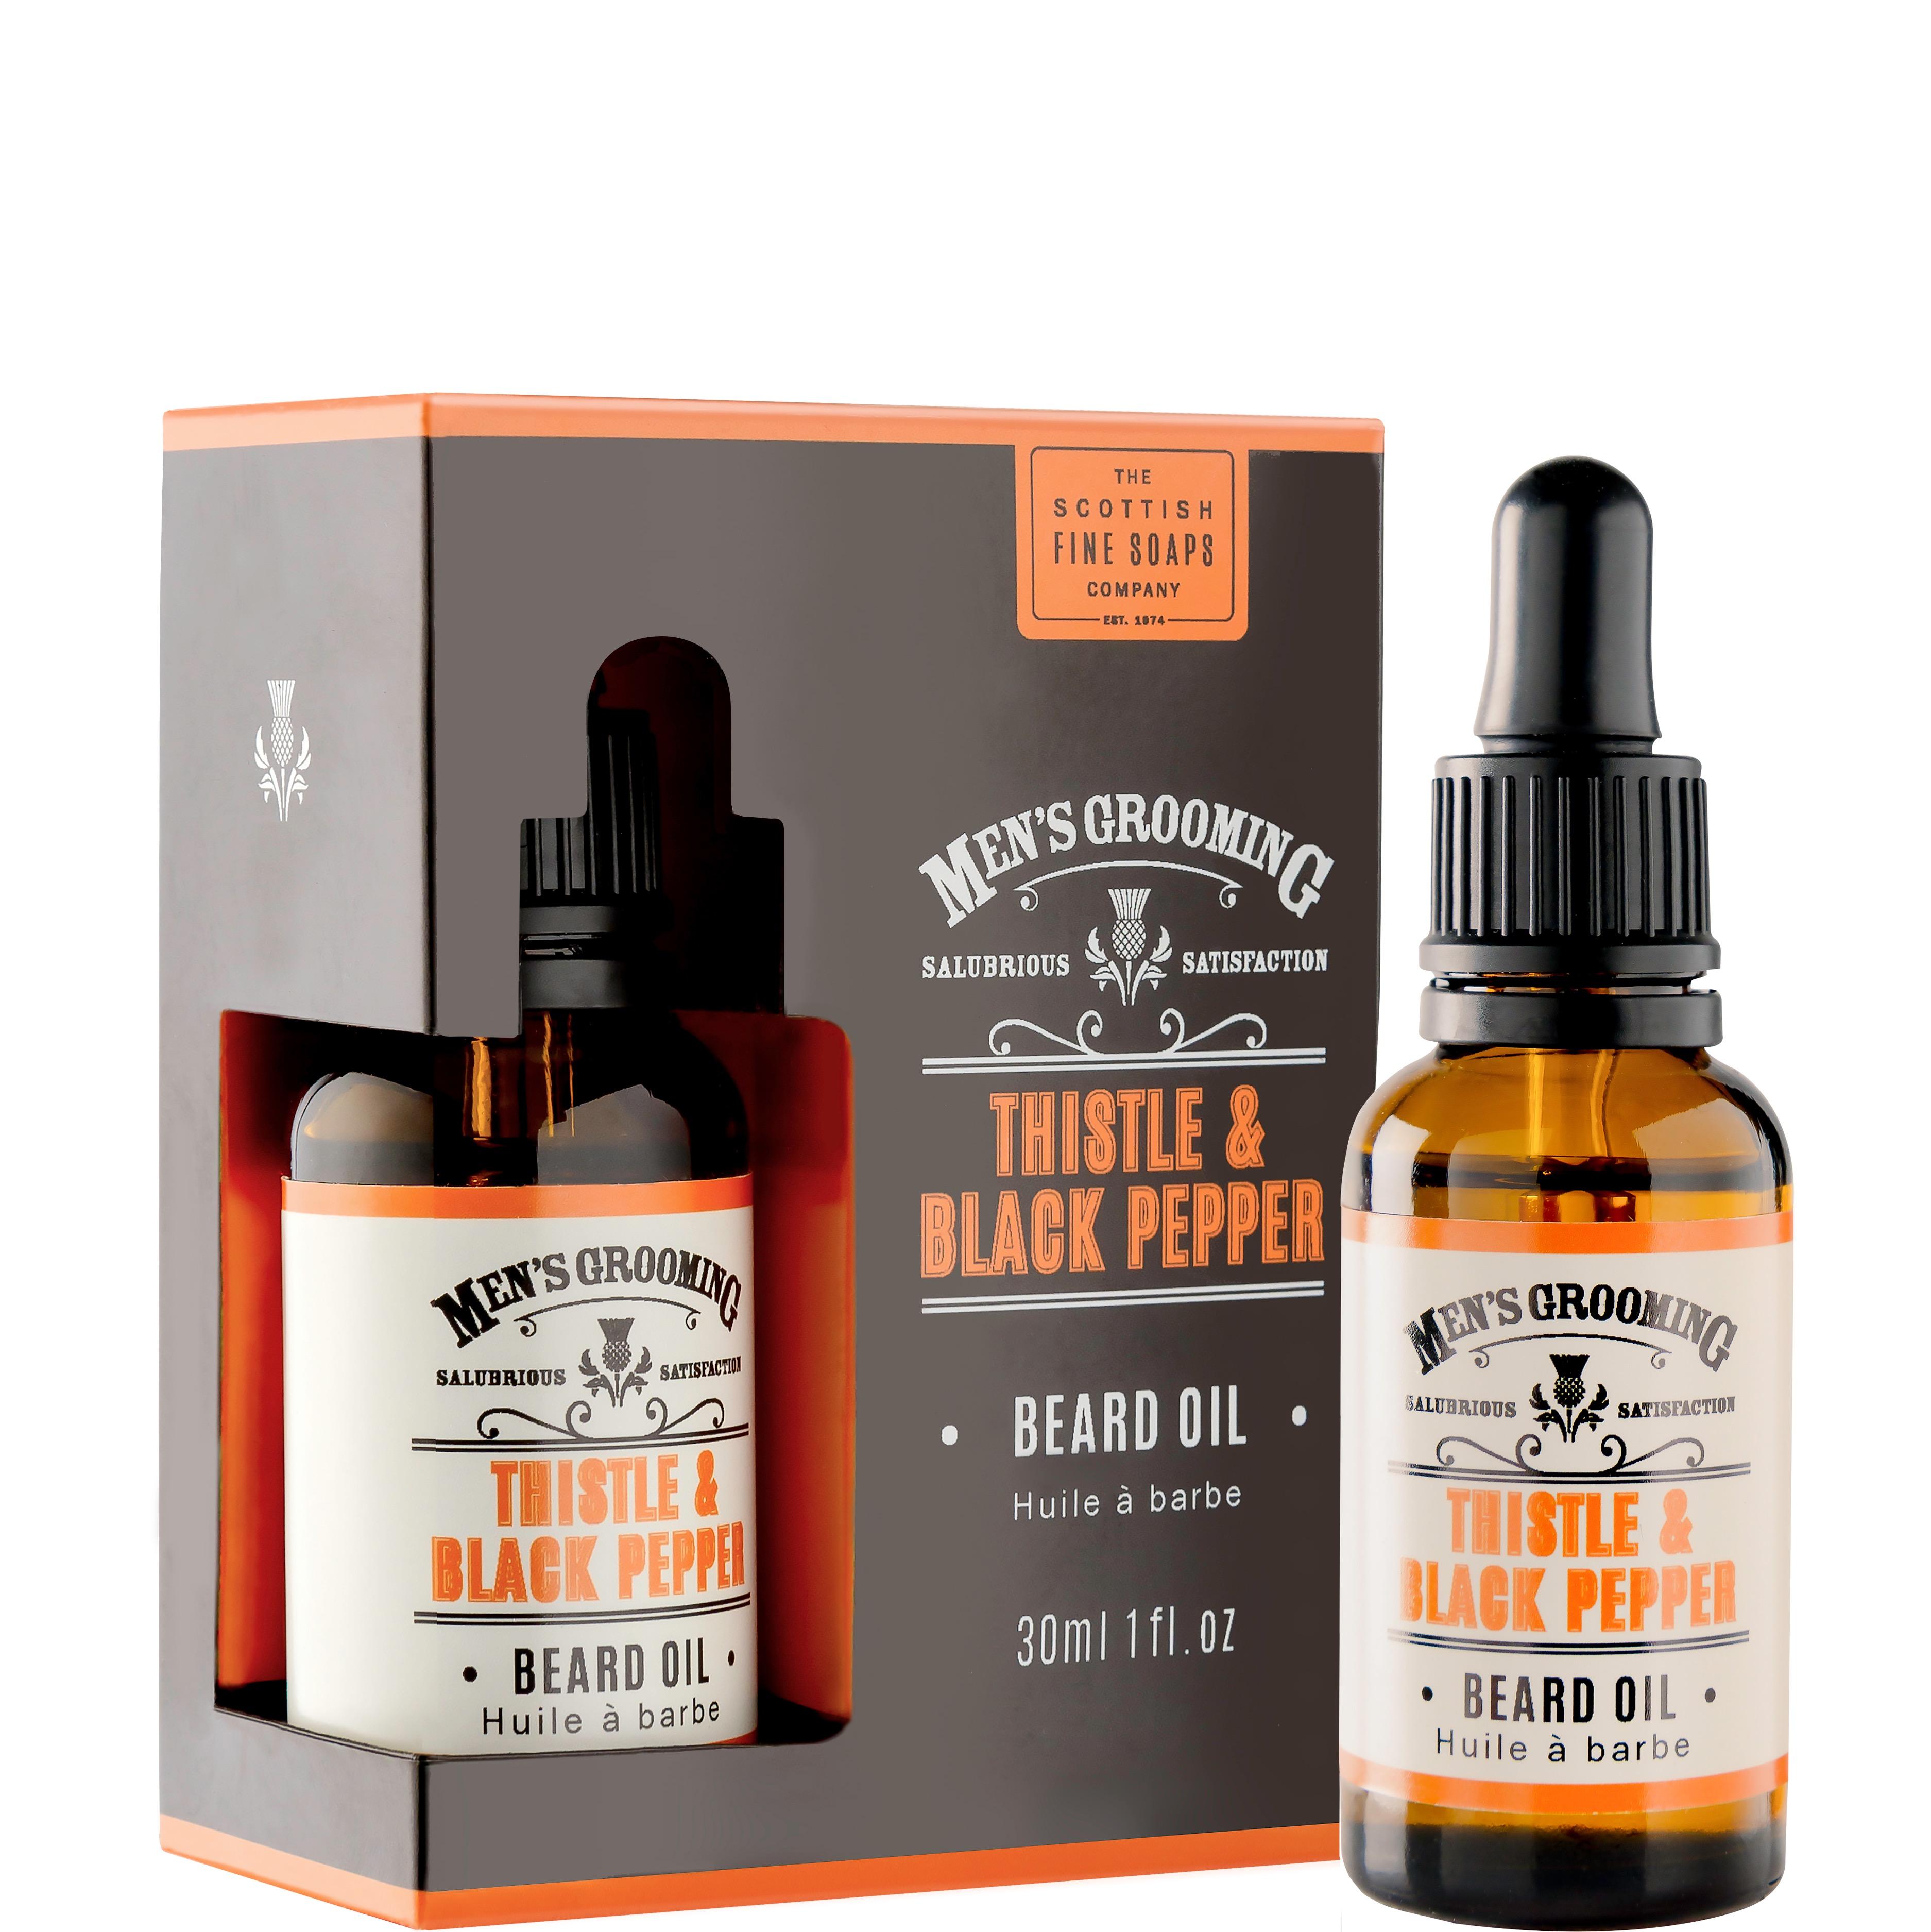 Baardolie Thistle & Black Pepper